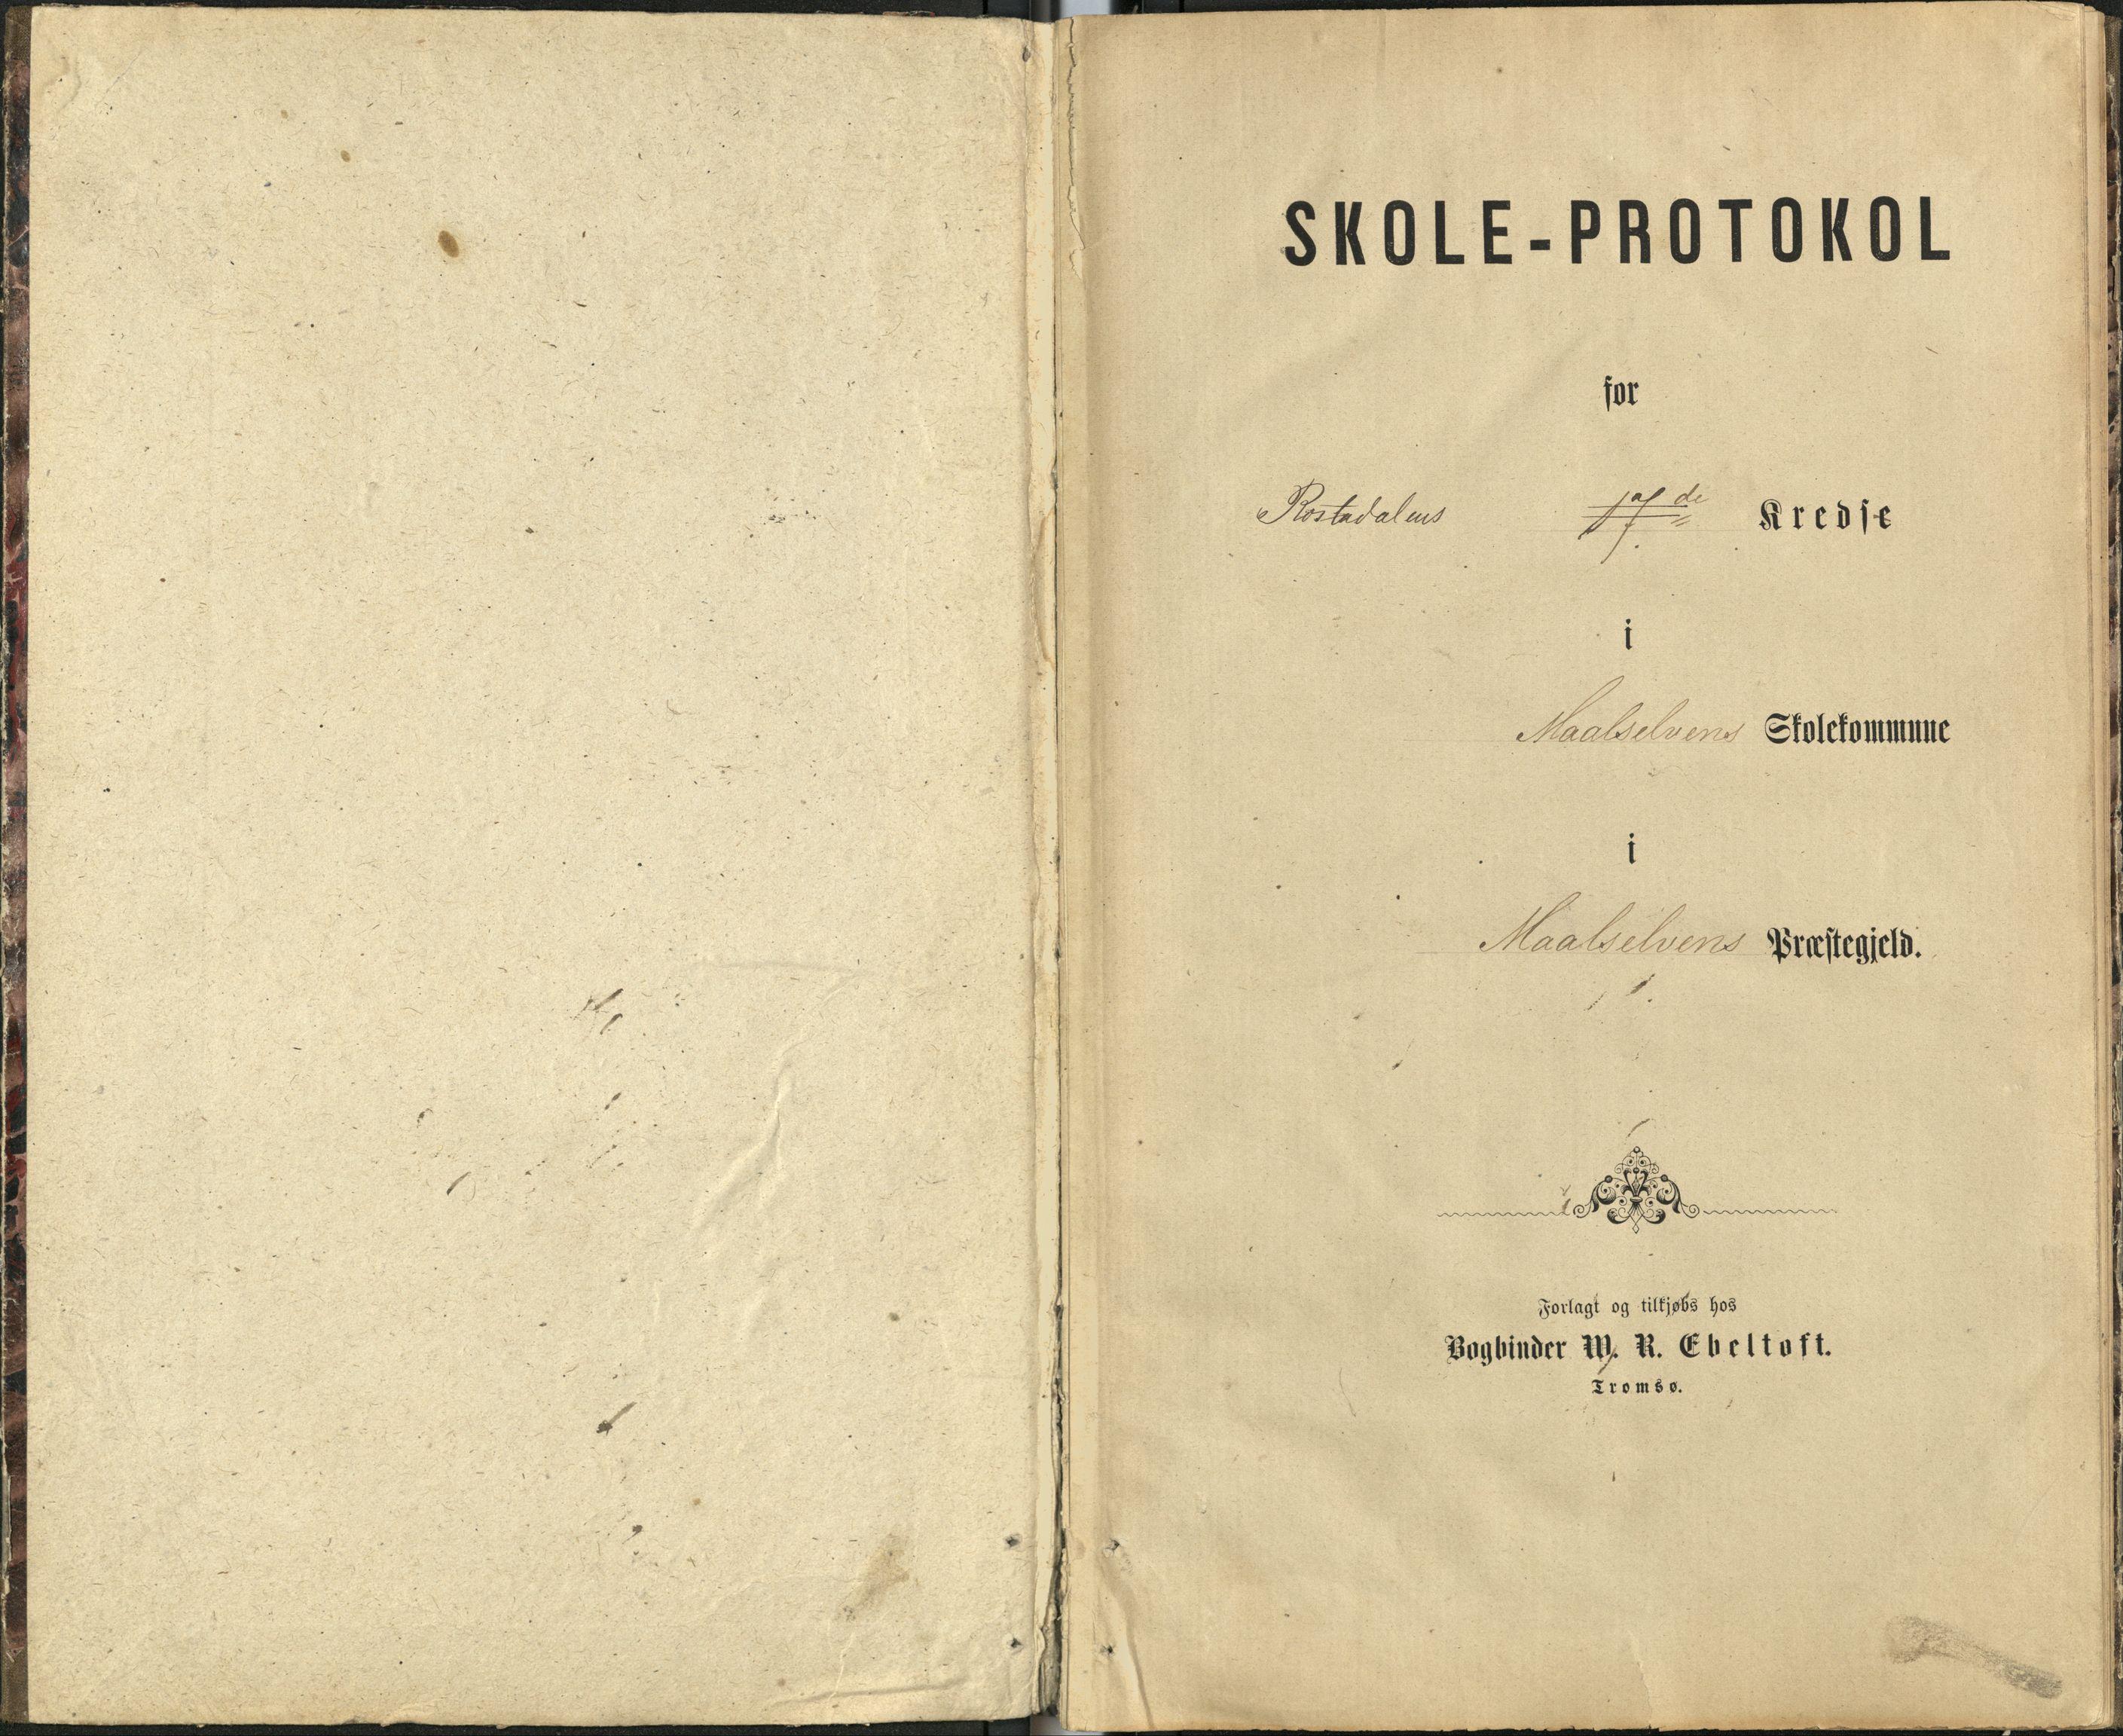 AT, Målselv kommune, -/-/-/122: Rostadalen krets, 17. krets - skole på gårdene Elvevold, Rostad, Kongsli, 1877-1882